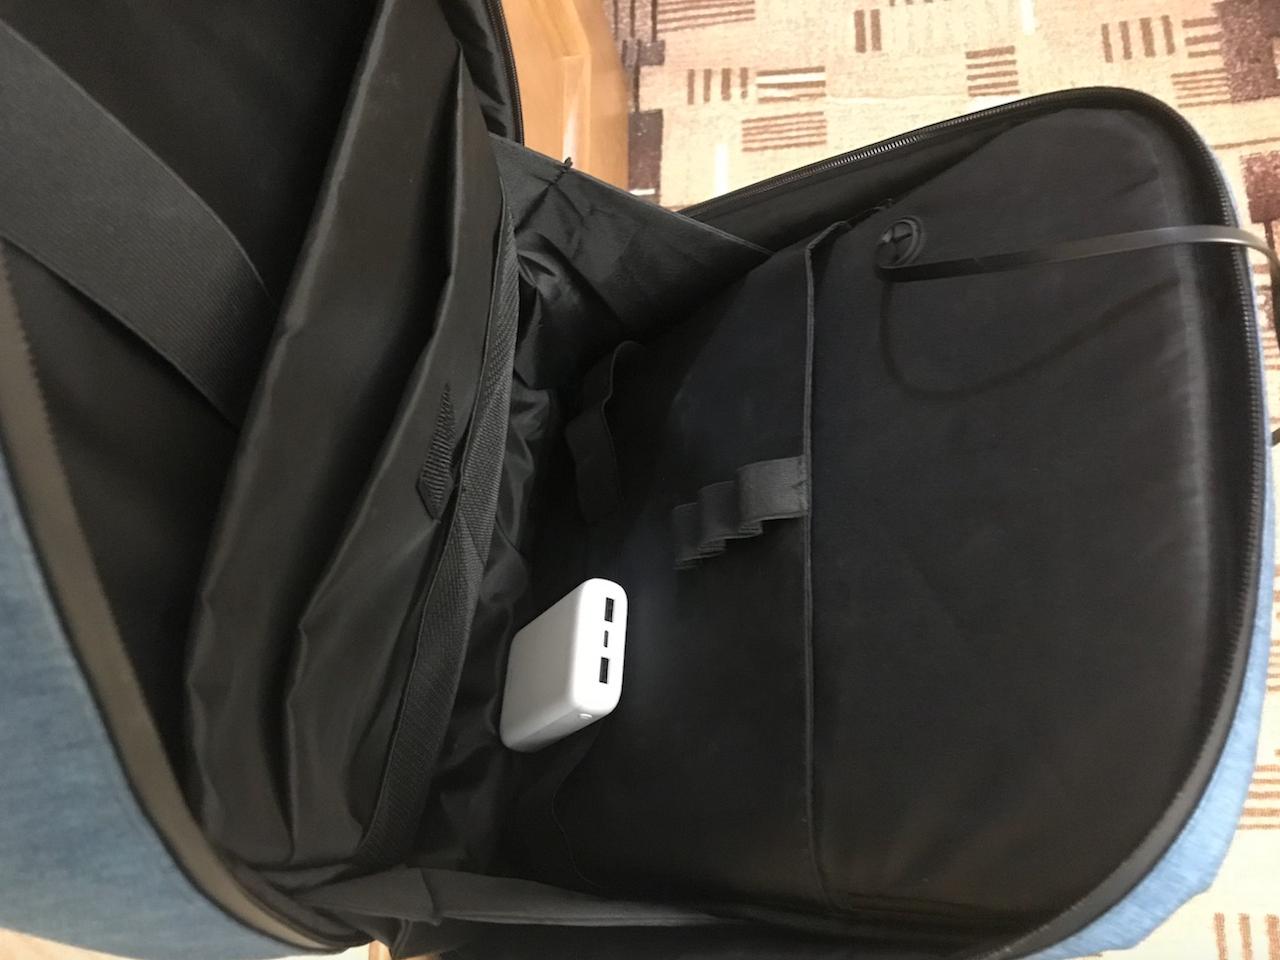 Новое слово в «рюкзакостроении»: встречайте модель с экраном Pixel — мой LED-опыт и впечатления - 19